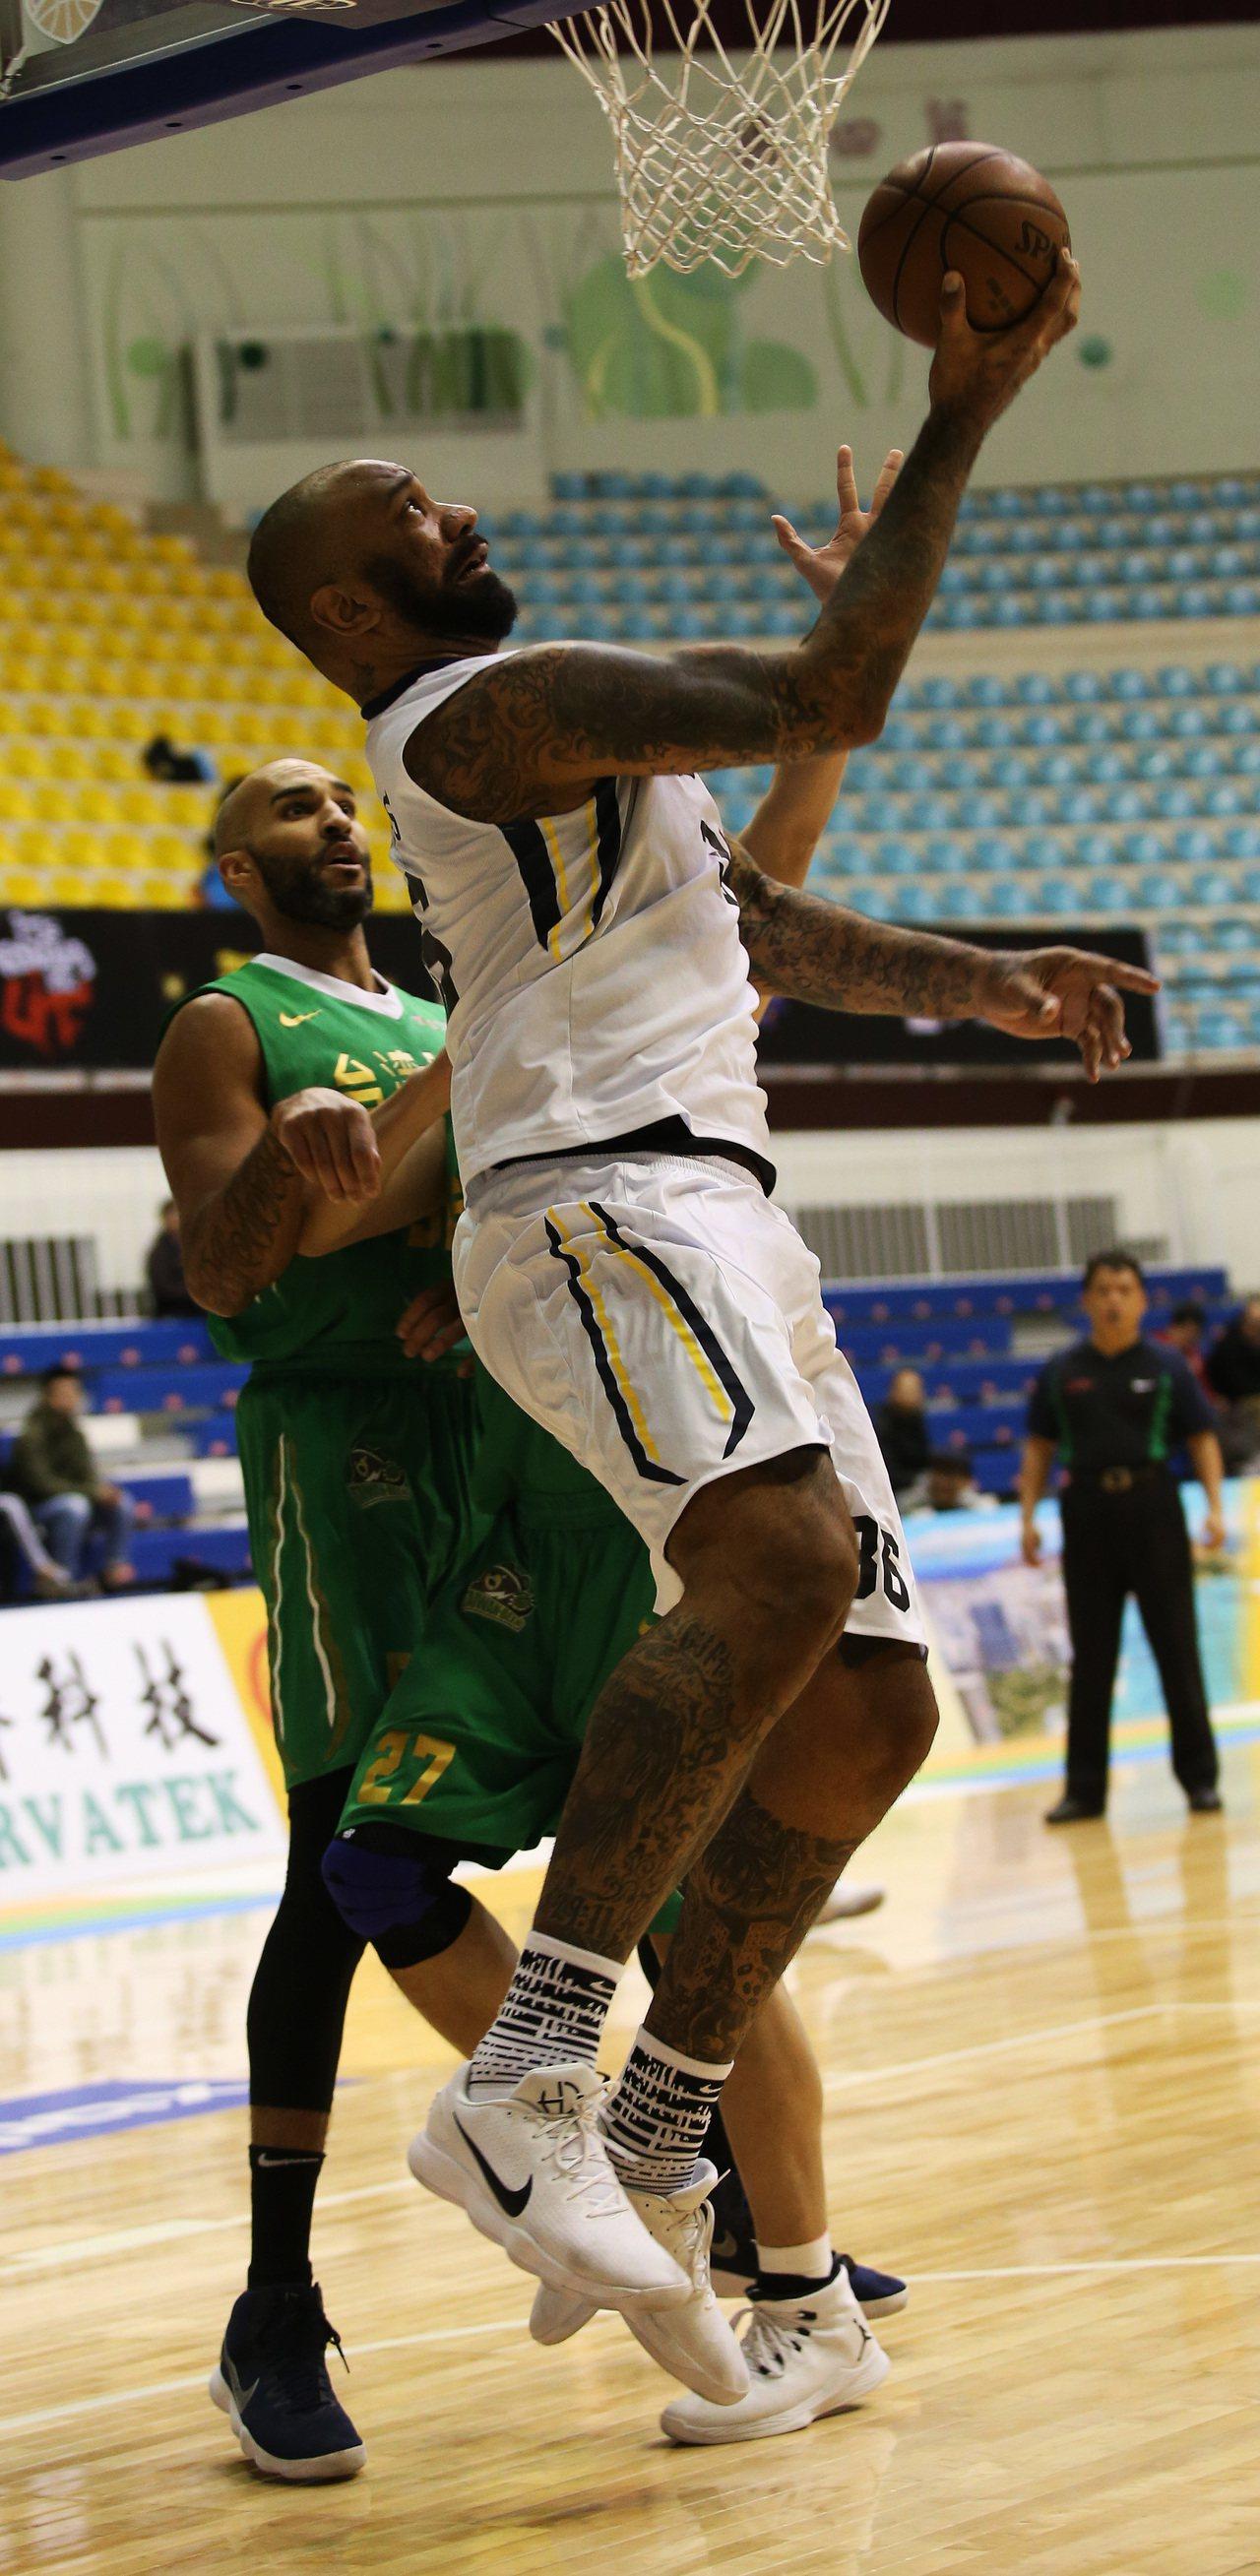 金酒隊洋將拉莫斯籃下反手鉤射。圖/中華籃球協會提供